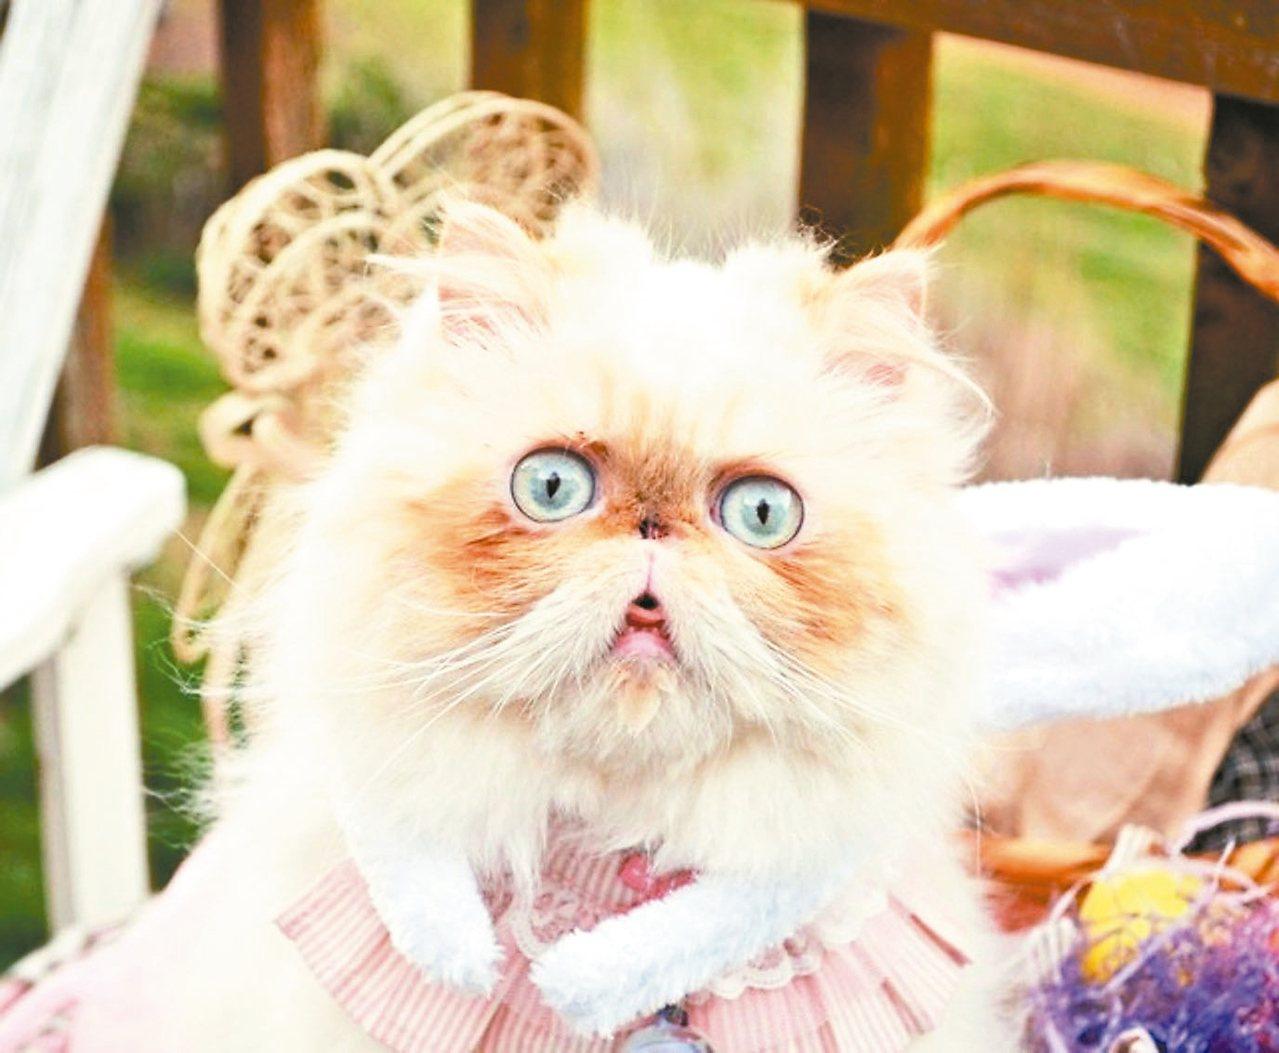 養喵星人的飼主們,是否曾被貓咪用額頭頂撞過呢?專家表示,當飼主被貓咪用額頭頂撞,有許多情感意義在內,其中一項就是「貓咪想將你納入牠的群體」。